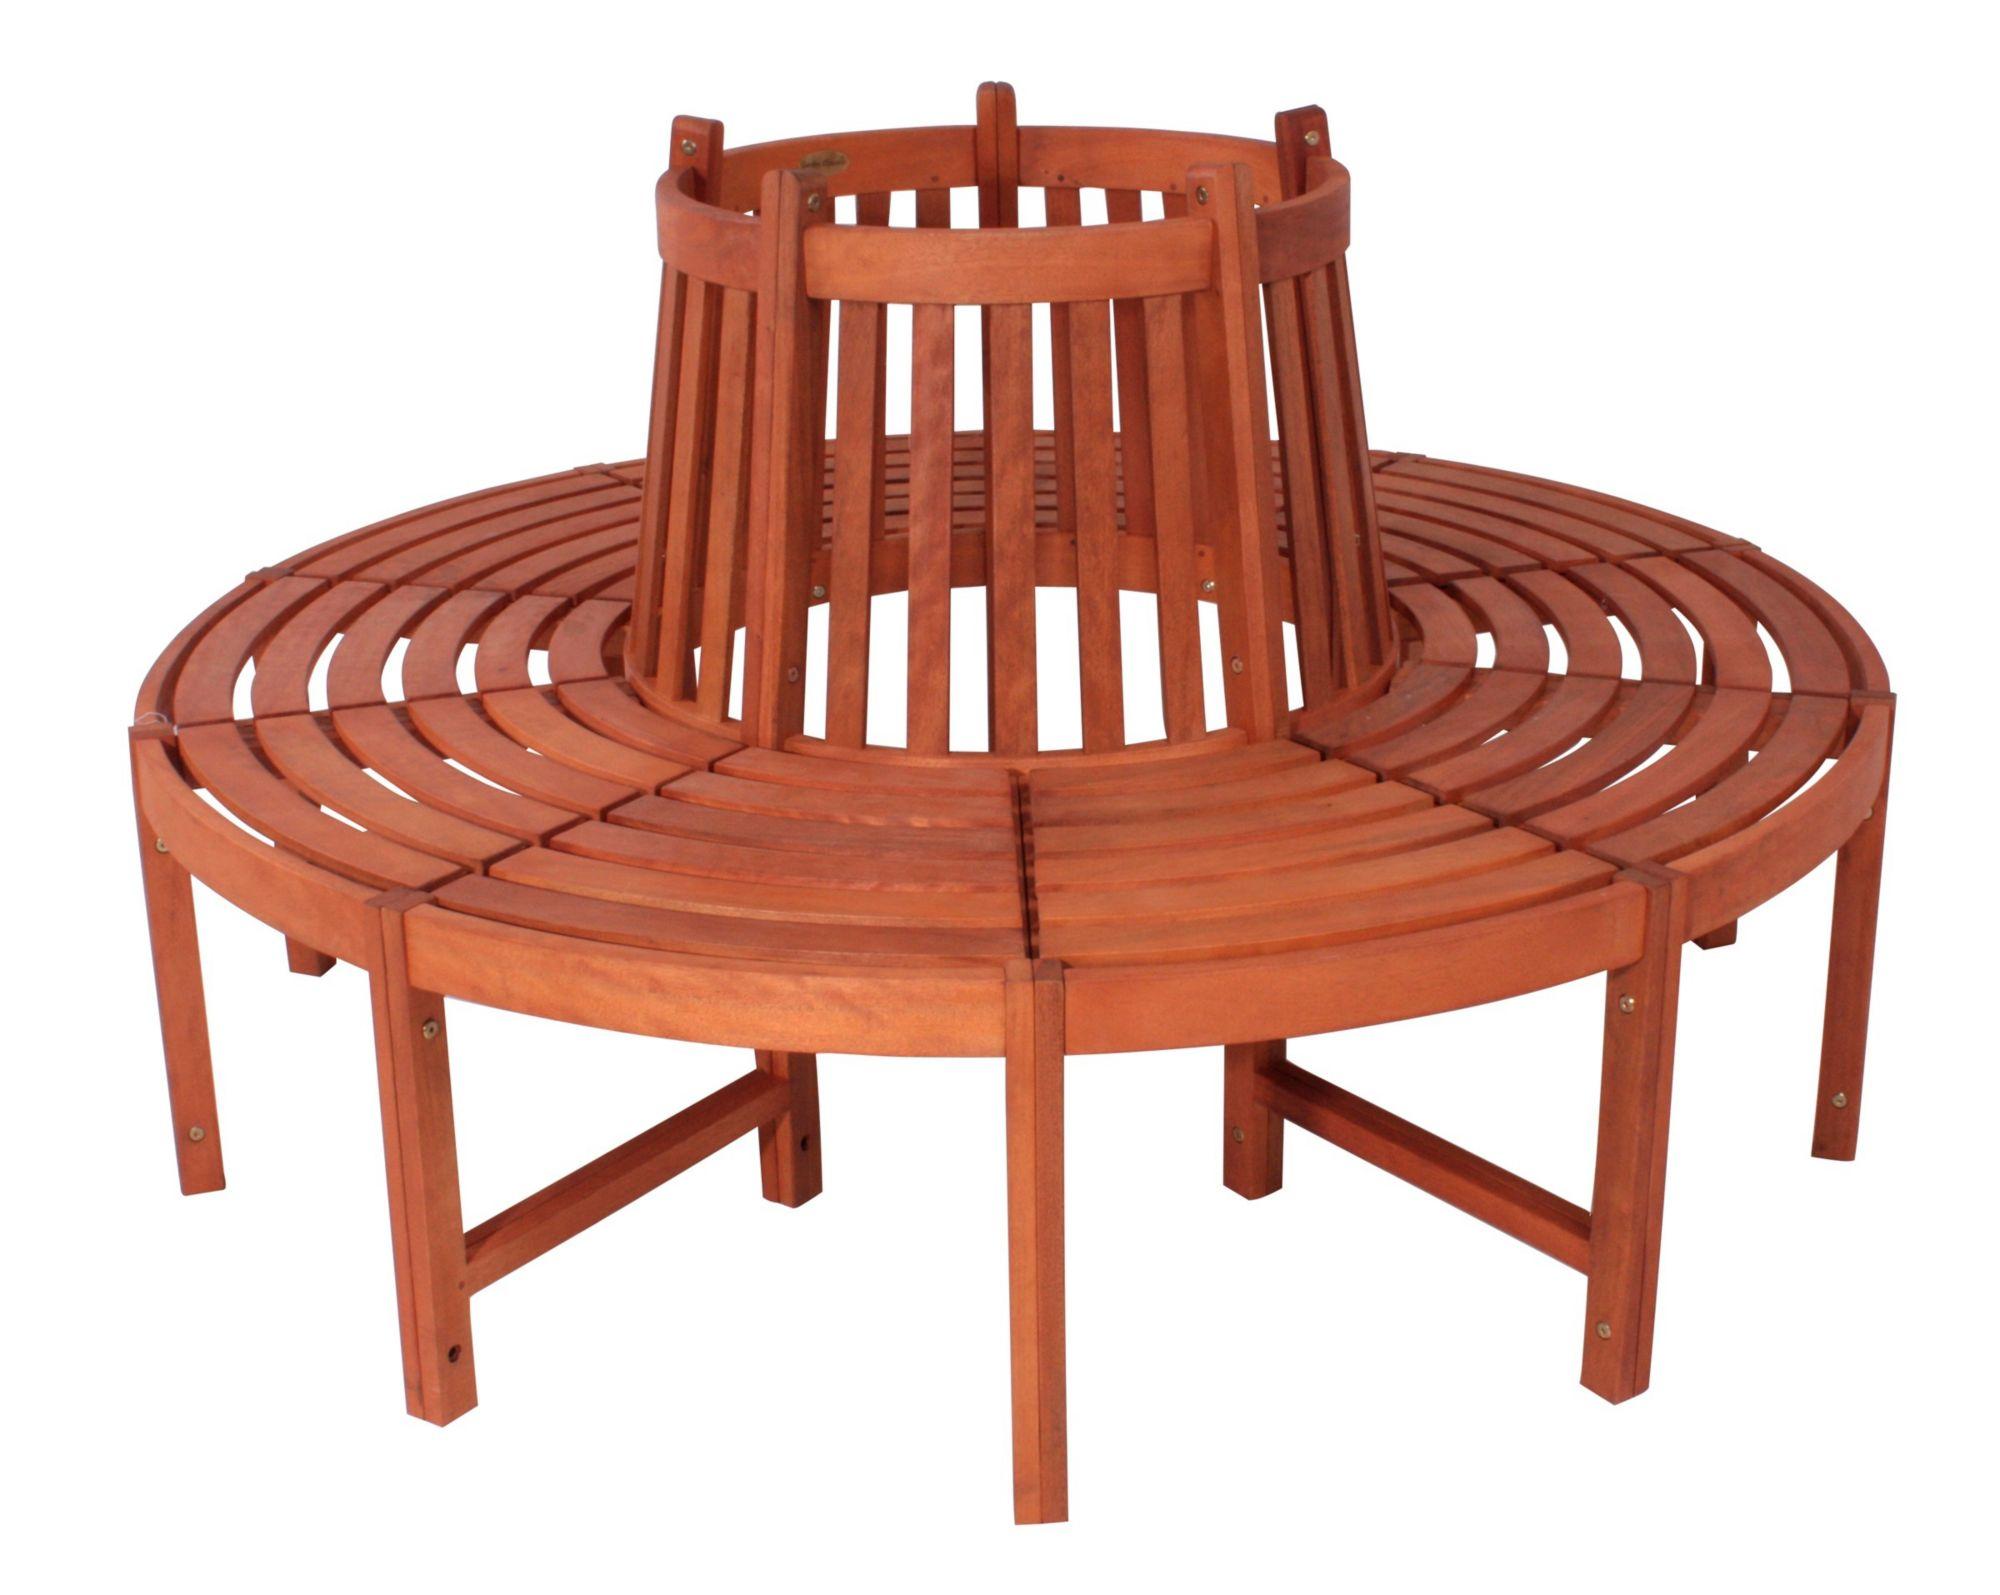 gartenbank g nstig online kaufen beim schwab versand. Black Bedroom Furniture Sets. Home Design Ideas